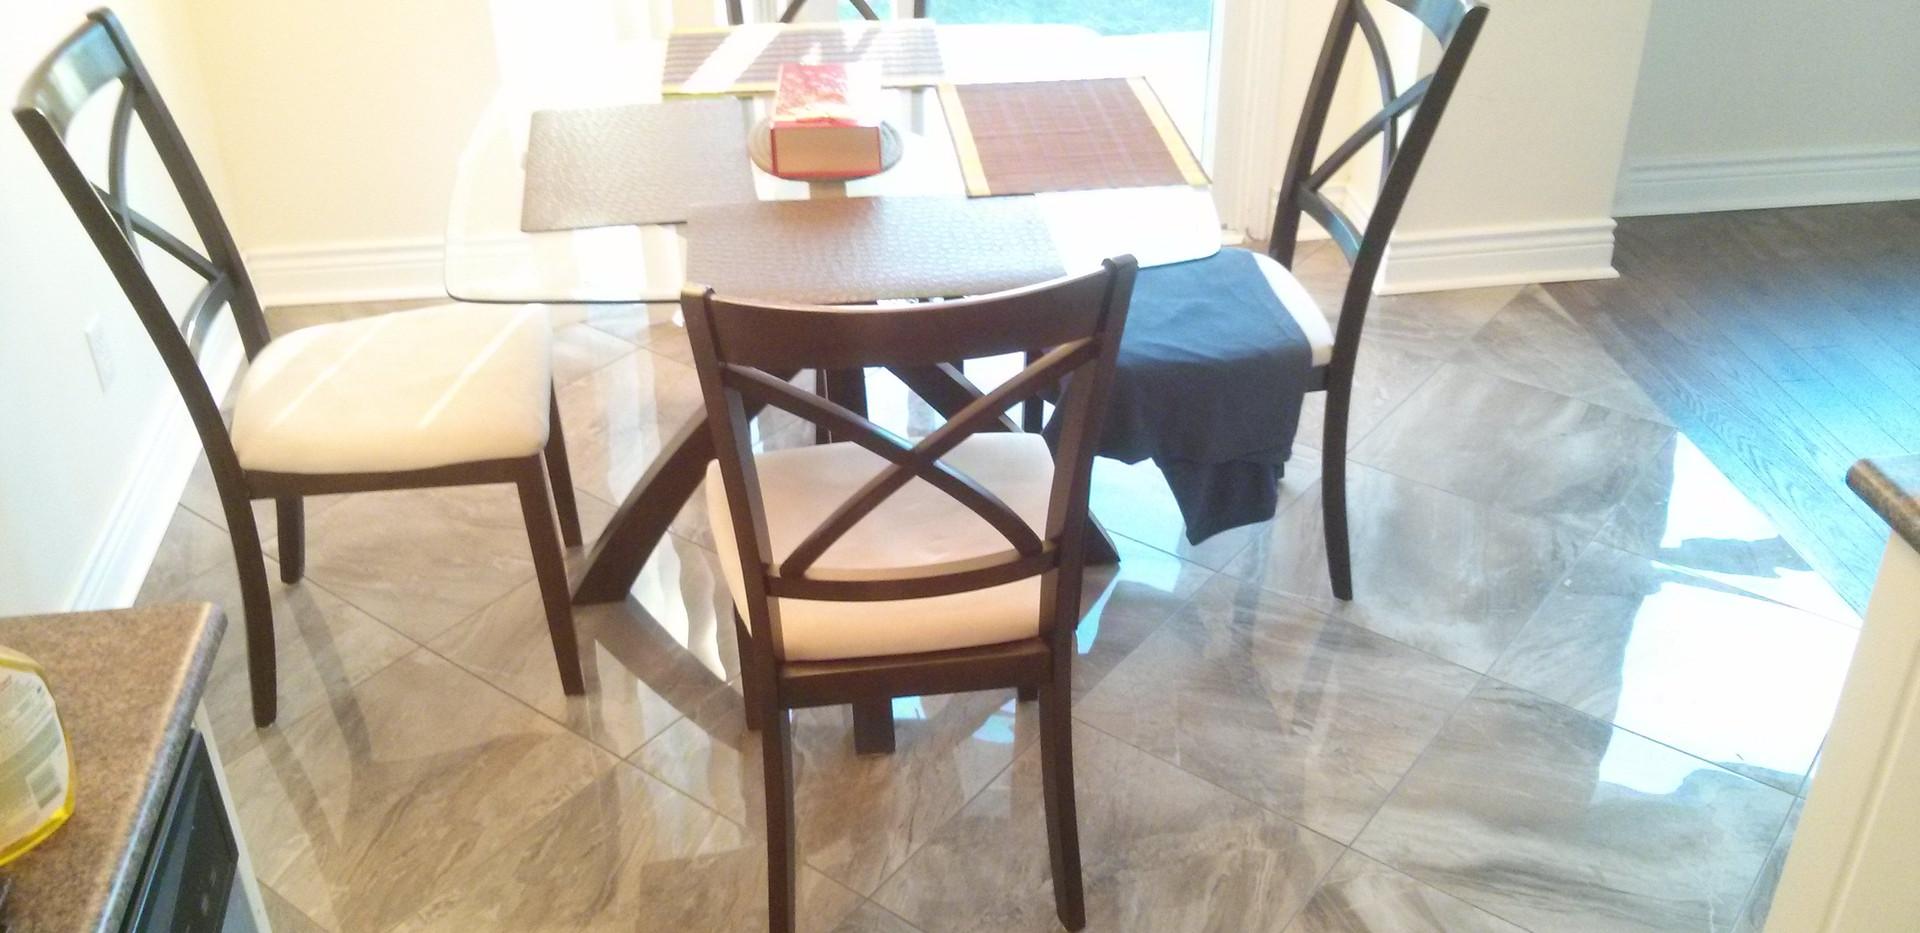 Kitchen Eating Area 18x18 Porcelain Tile